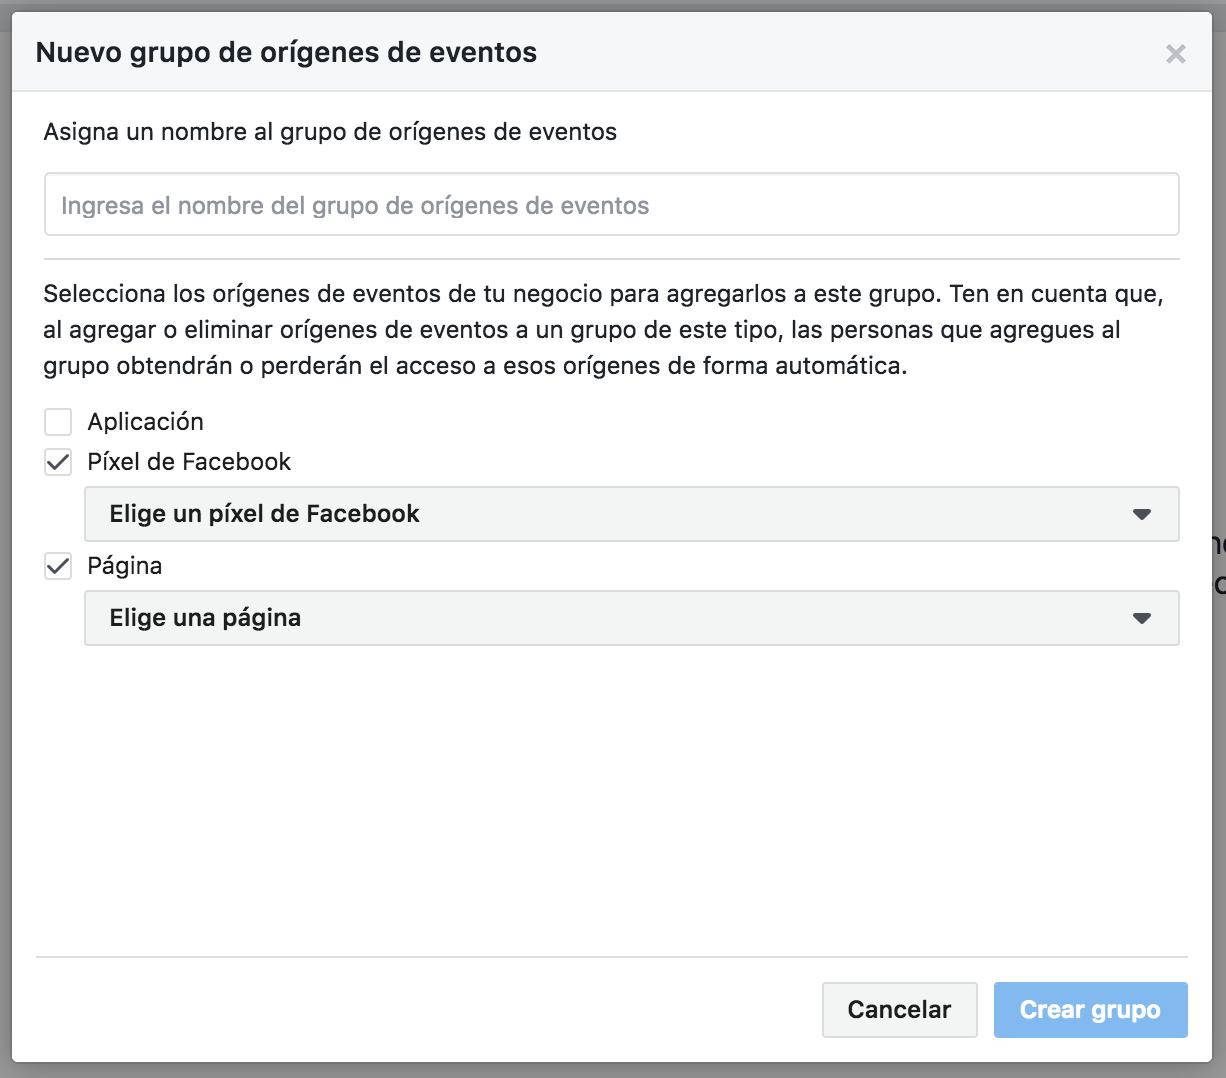 Crear un nuevo Grupo de Orígenes de Eventos en facebook